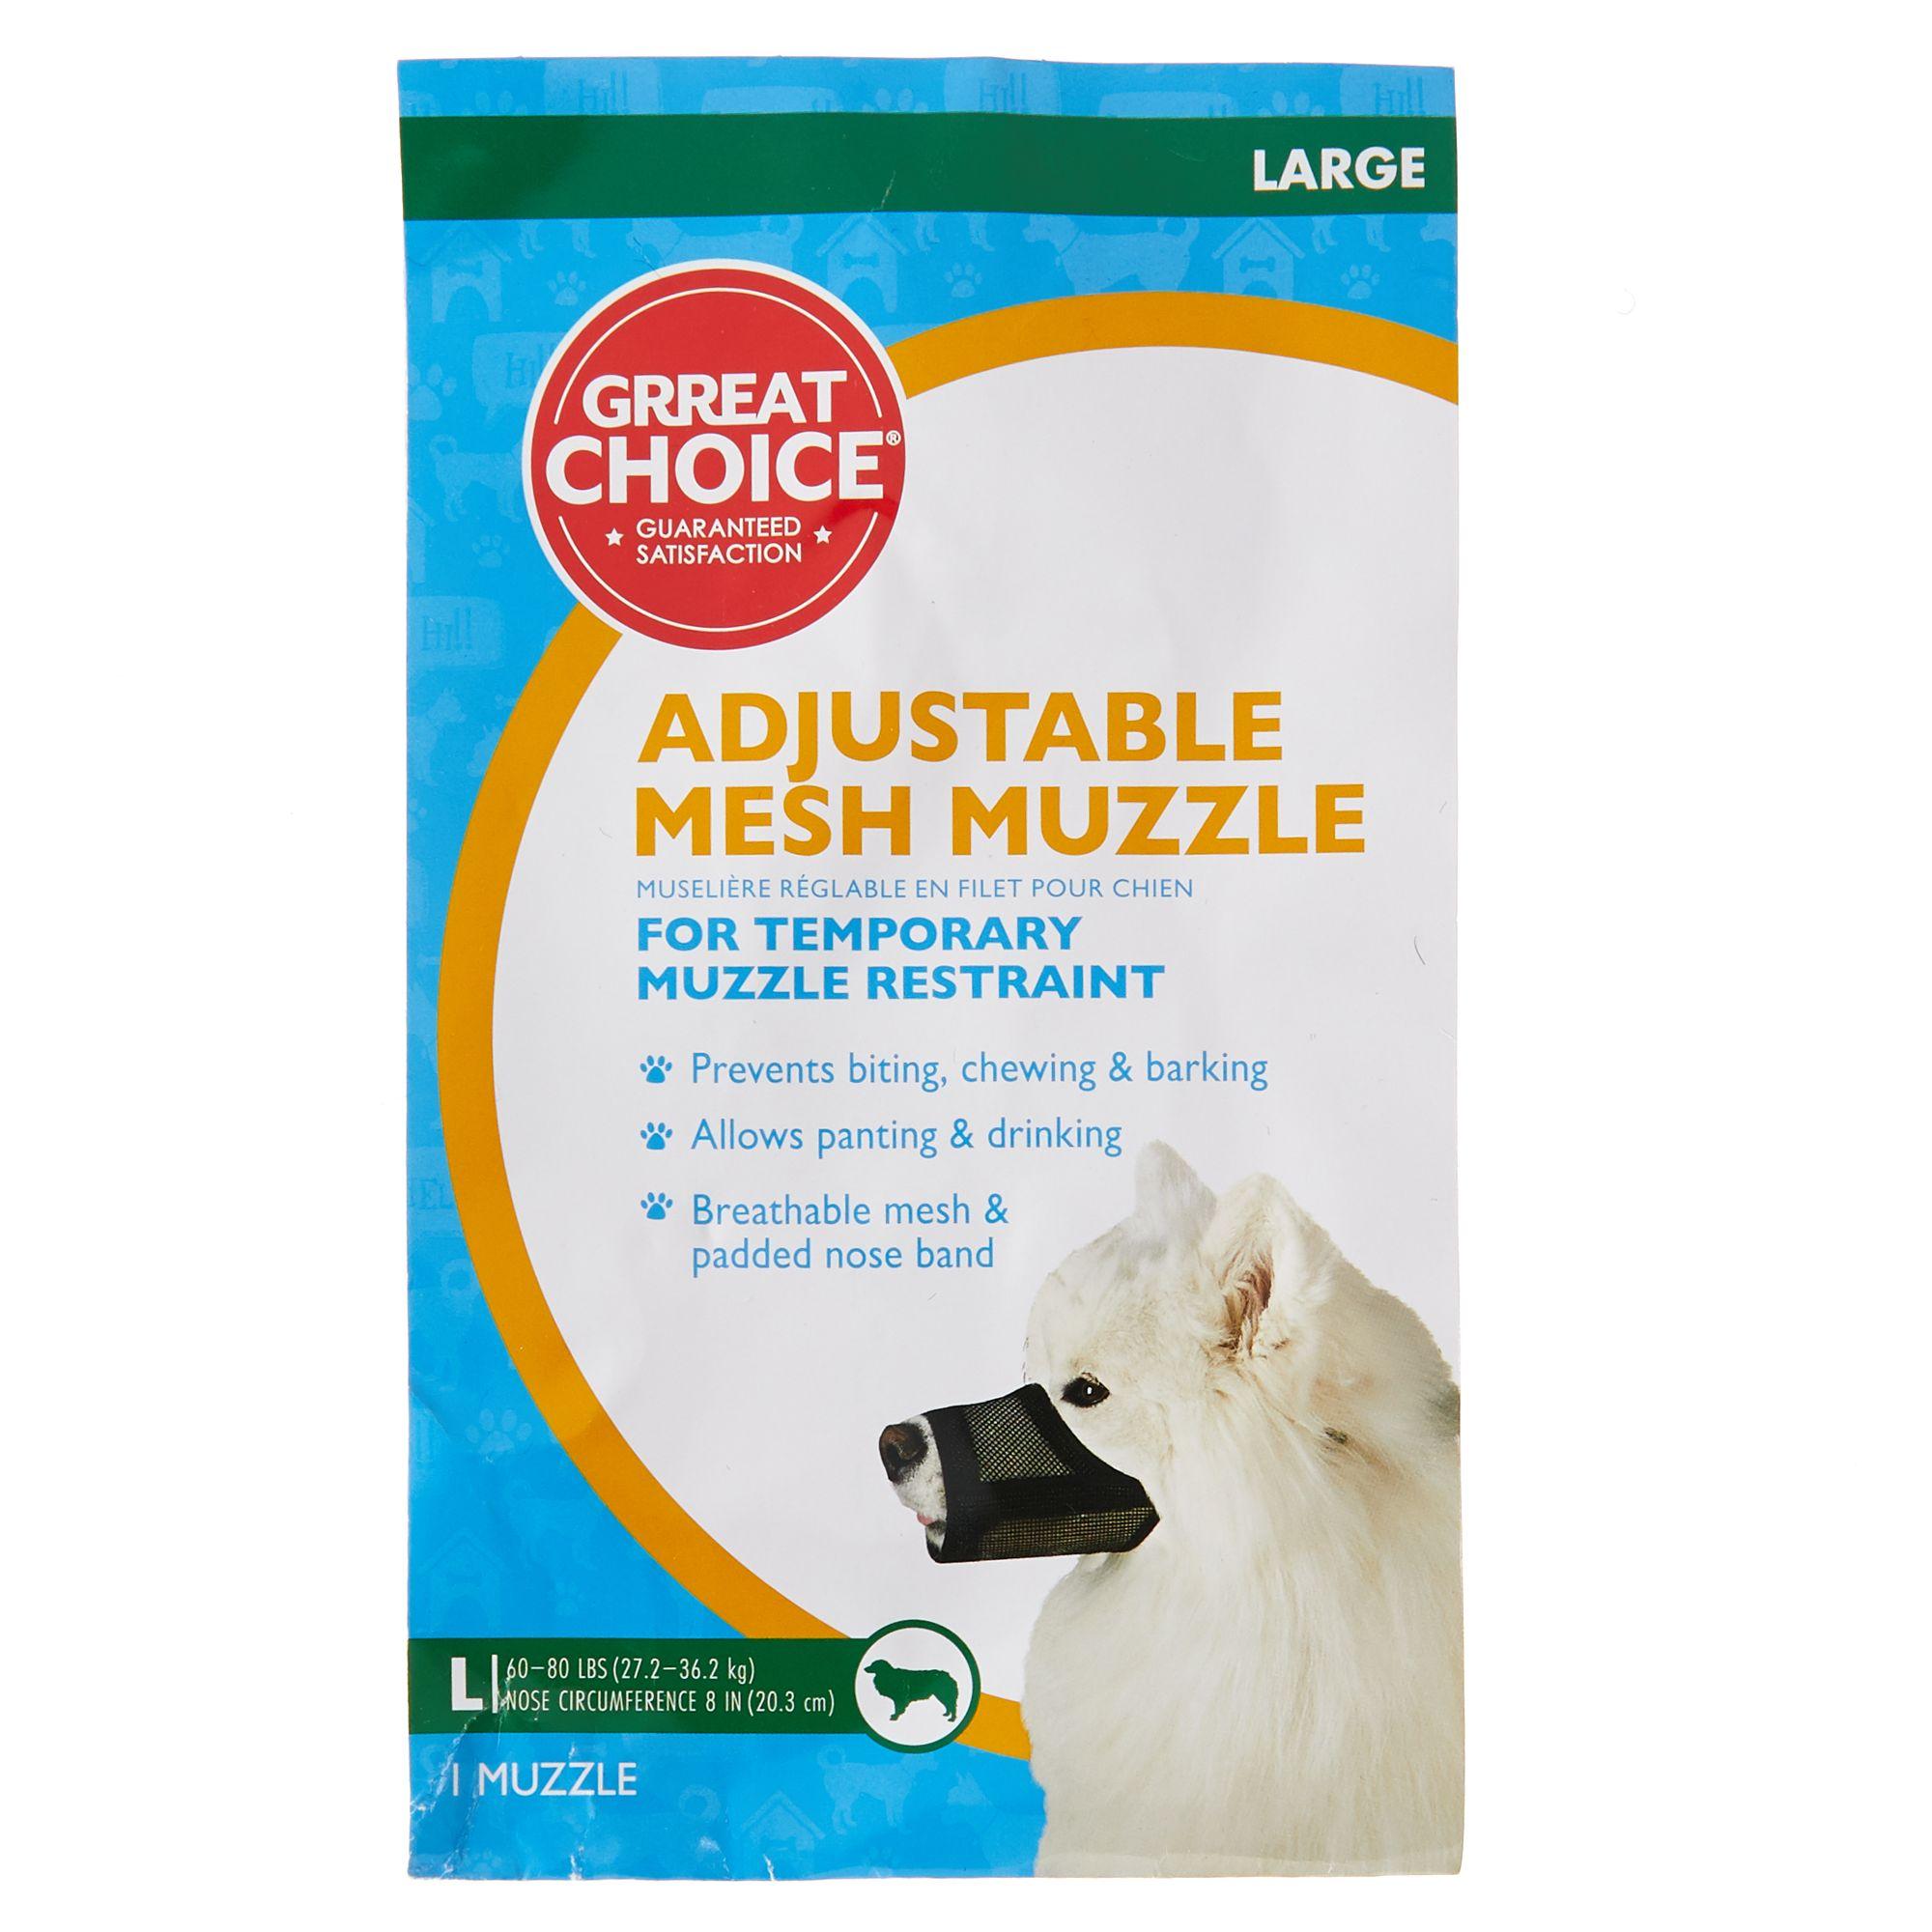 Dog Muzzle to Prevent Barking Eating Nylon Mesh Dog Muzzle Adjustable Breathable Soft Dog Muzzle to Prevent Biting Pet Muzzle for Dogs Anti-barking Anti Bite Dog Muzzle for Large Medium Small Dogs